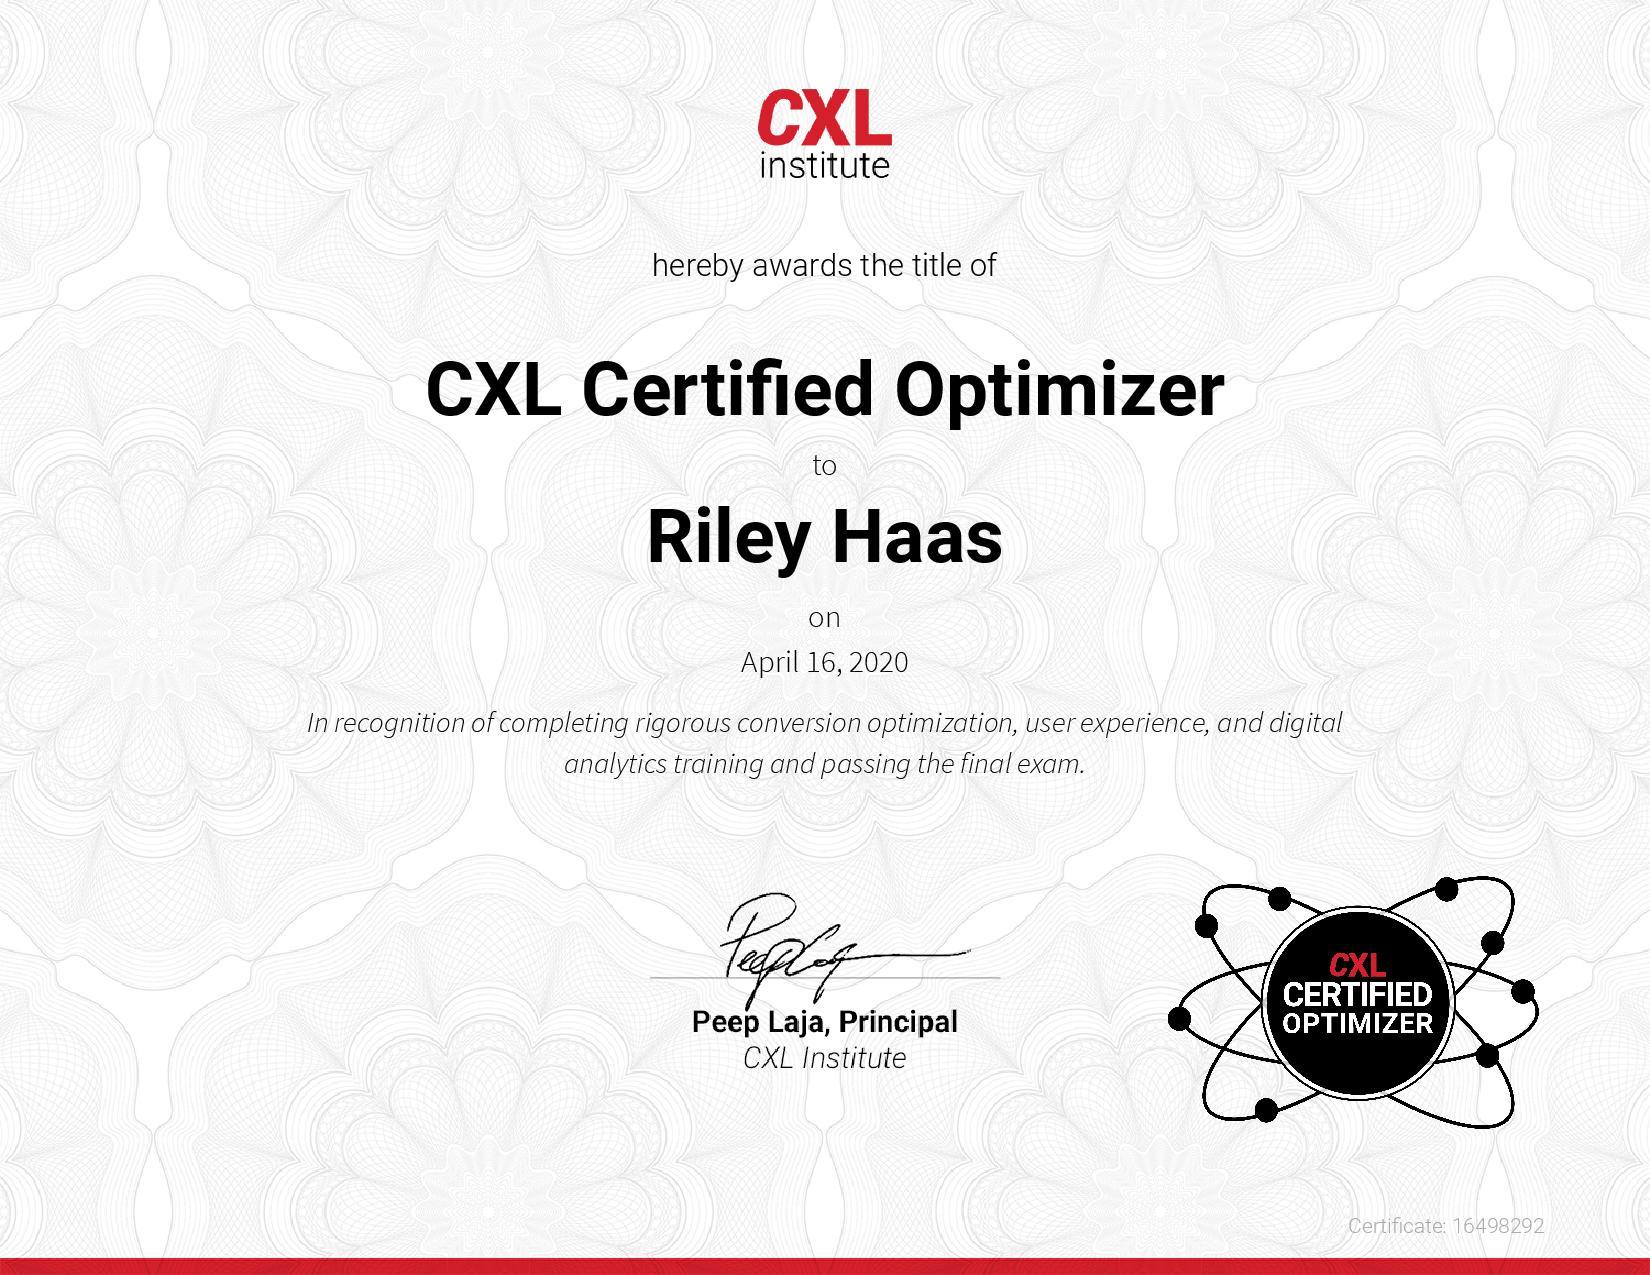 CXL Certified Optimizer